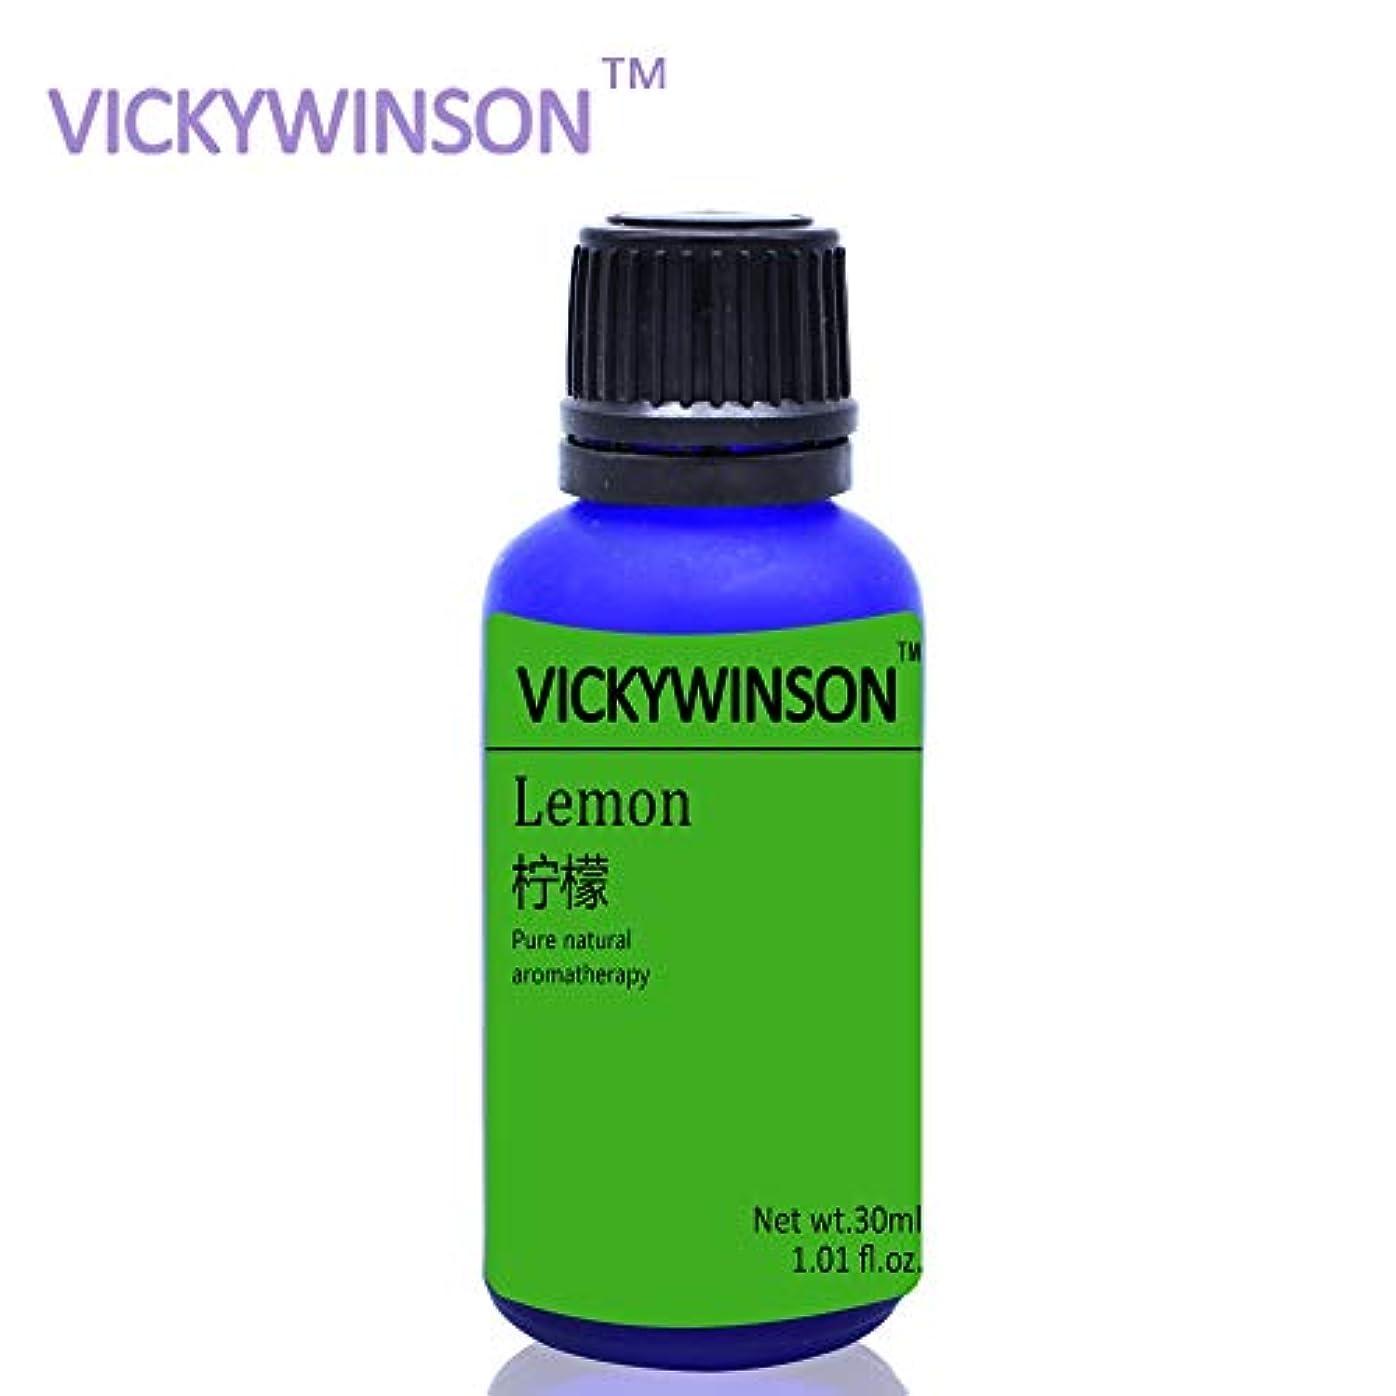 する必要がある飛ぶ不正VICKYWINSONレモンアロマエッセンシャルオイル30ミリリットル車の香水添加剤アウトレット香水装飾レディース車の香り